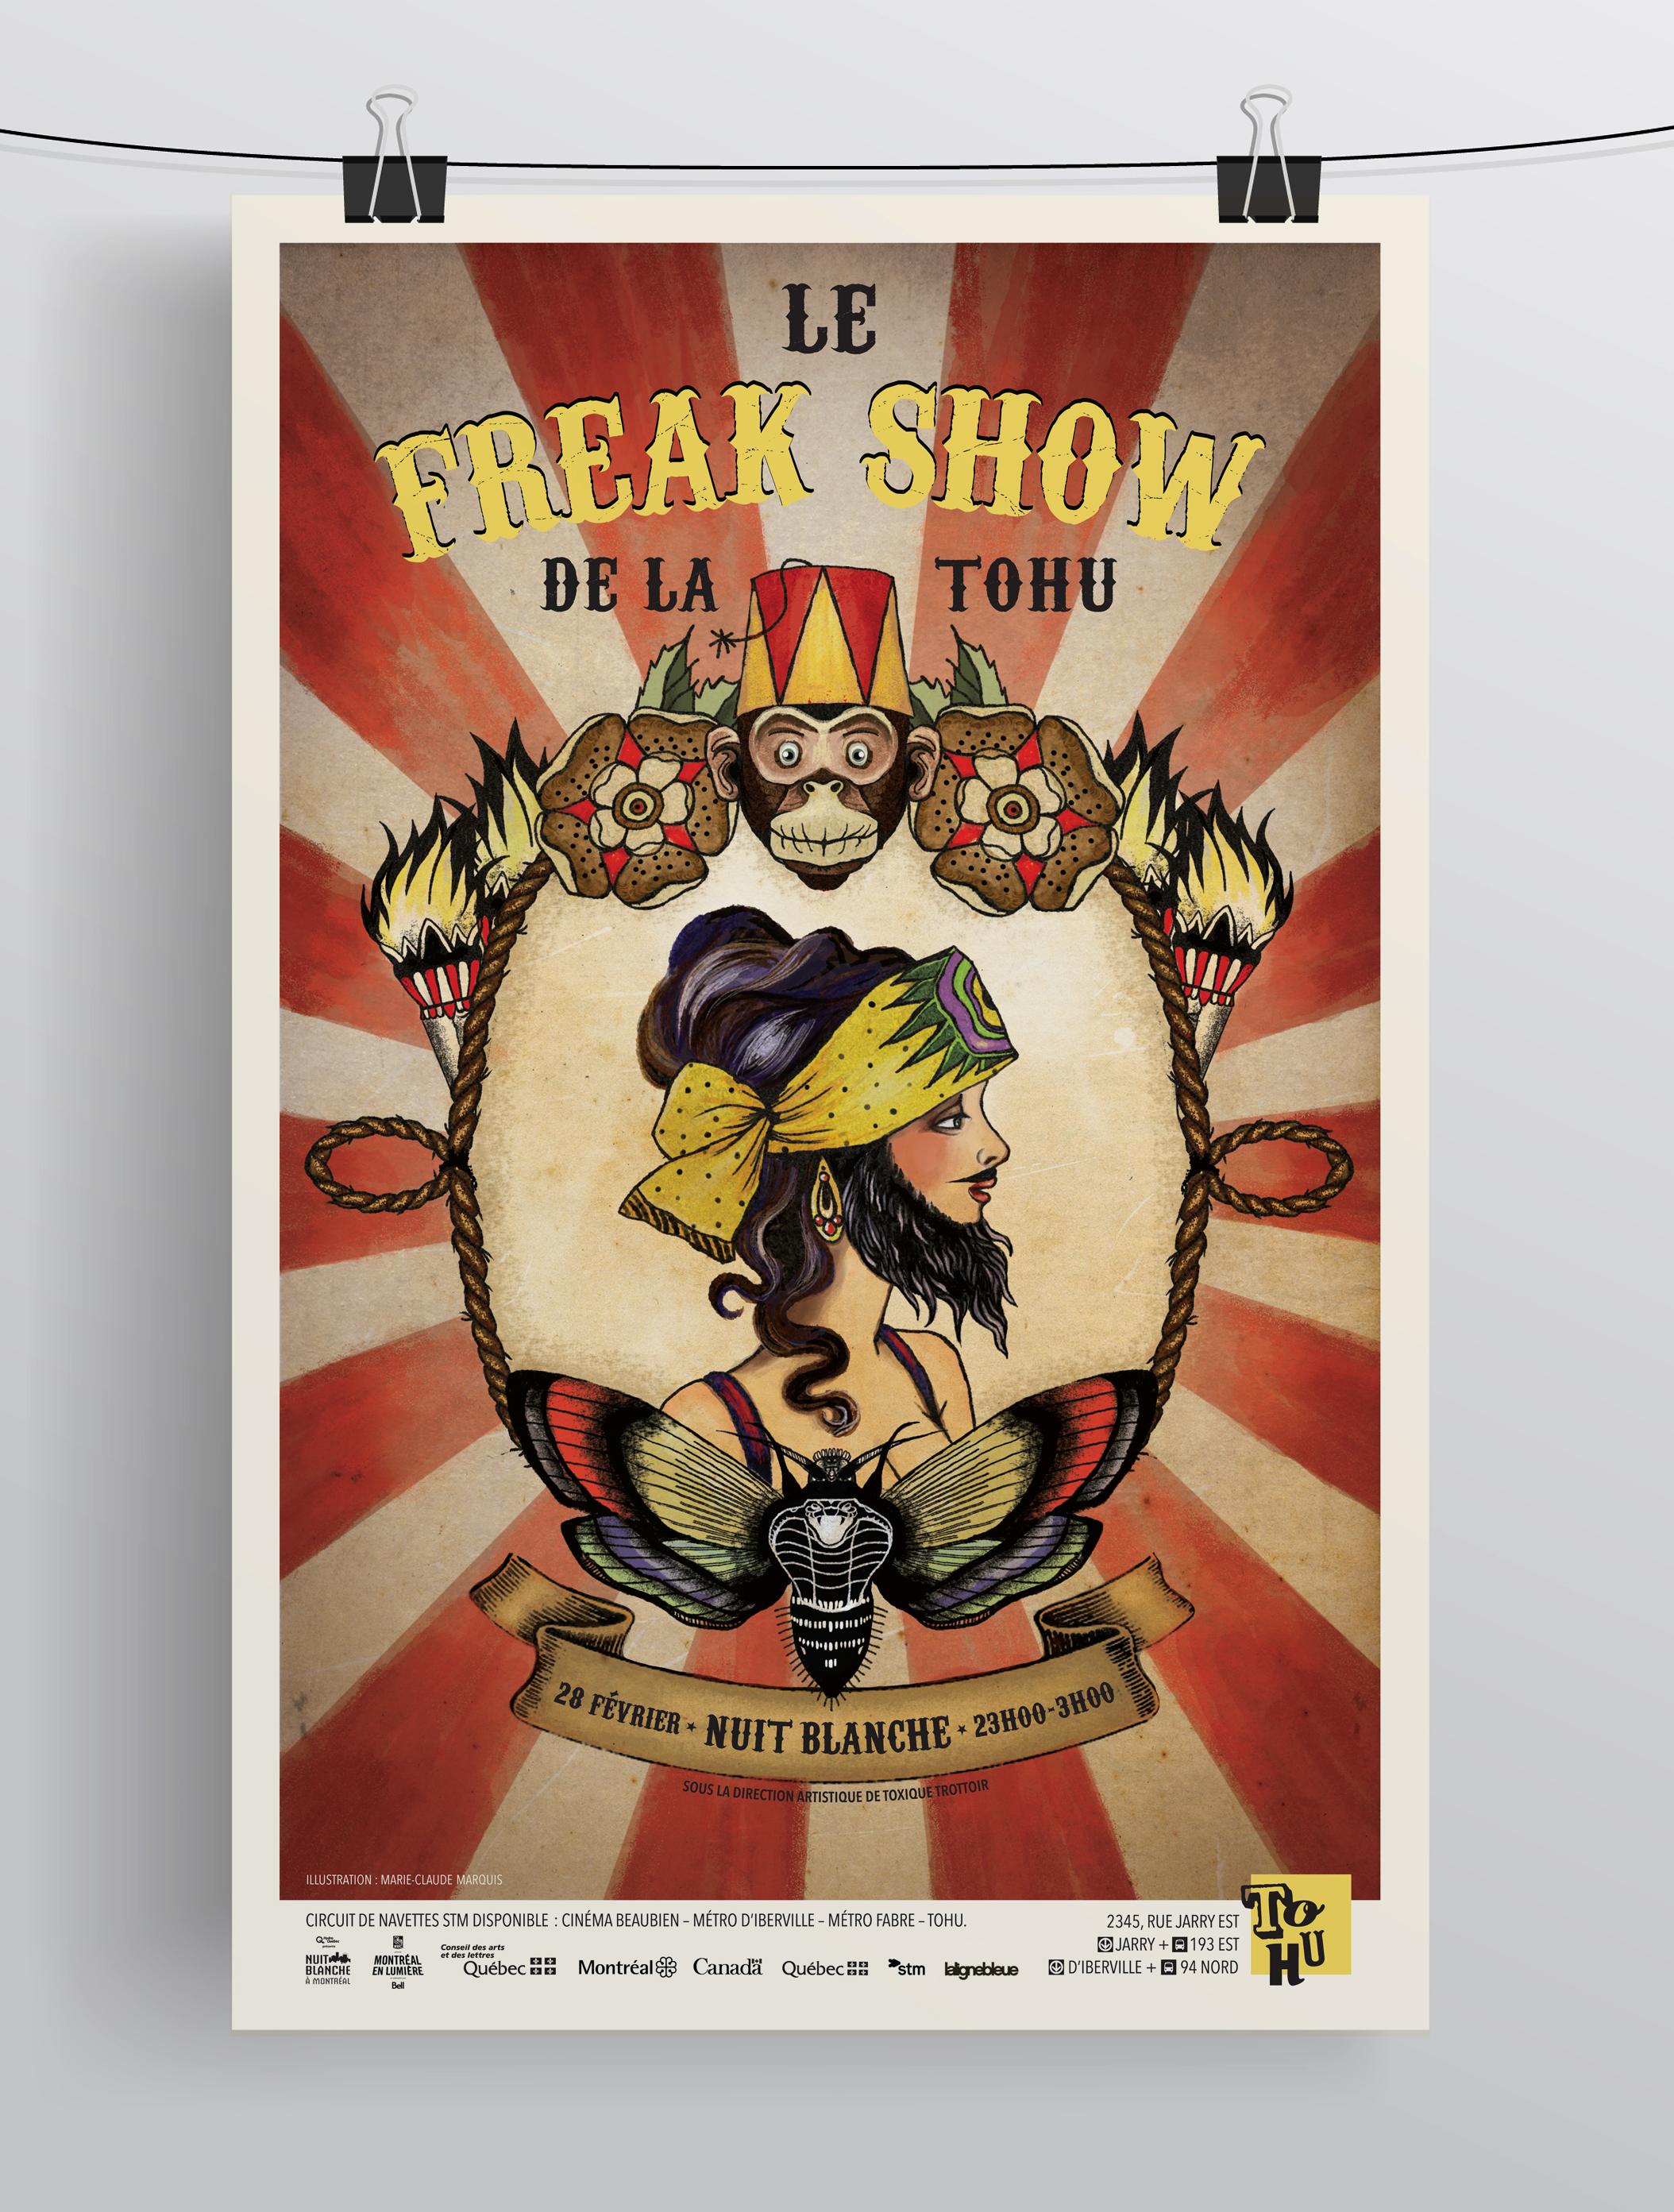 Le Freak Show de la TOHU